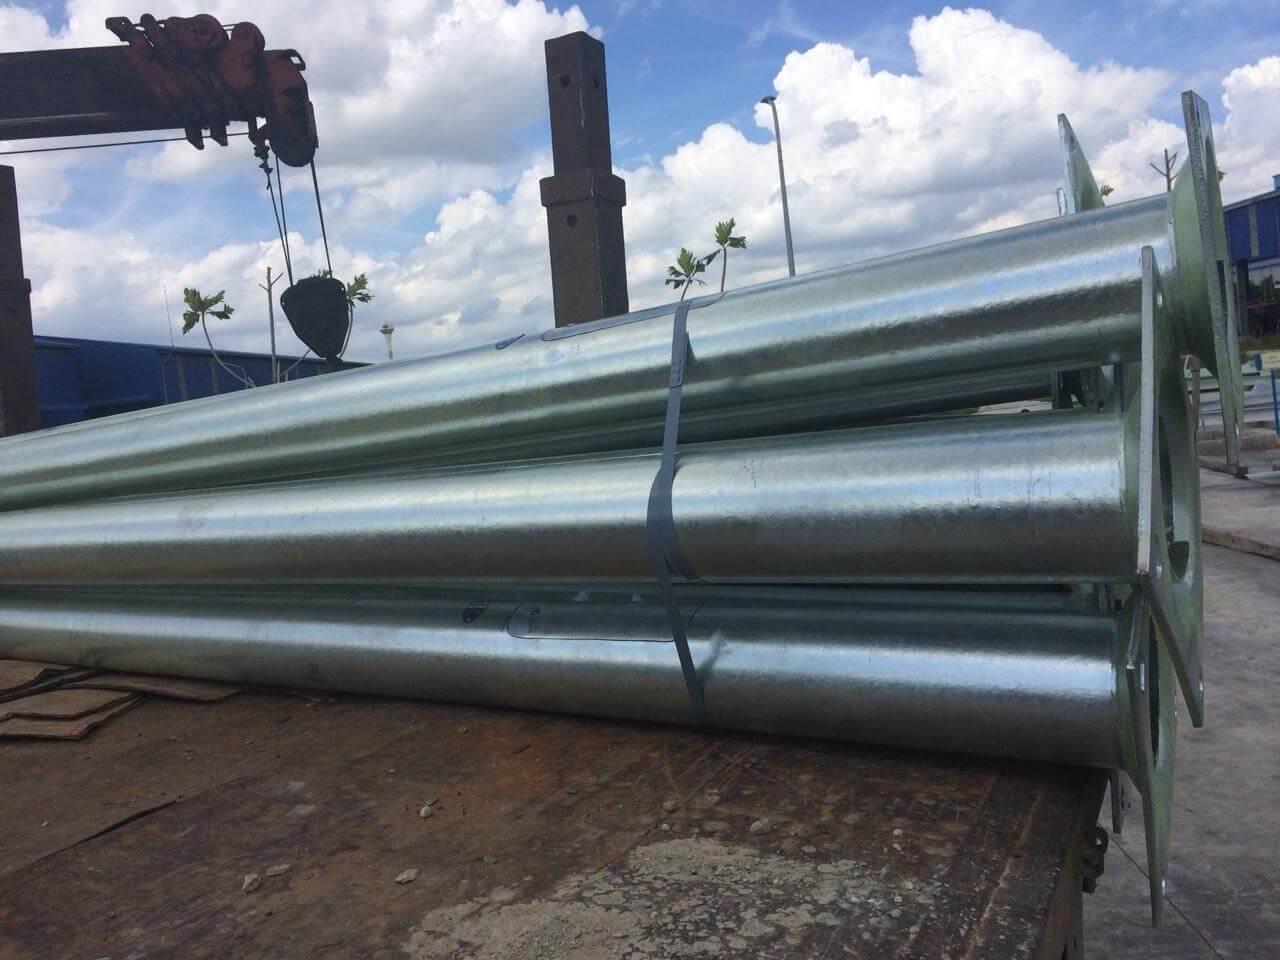 Cột đèn cao áp do Phan Nguyễn cung cấp đạt đầy đủ các tiêu chuẩn chất lượng